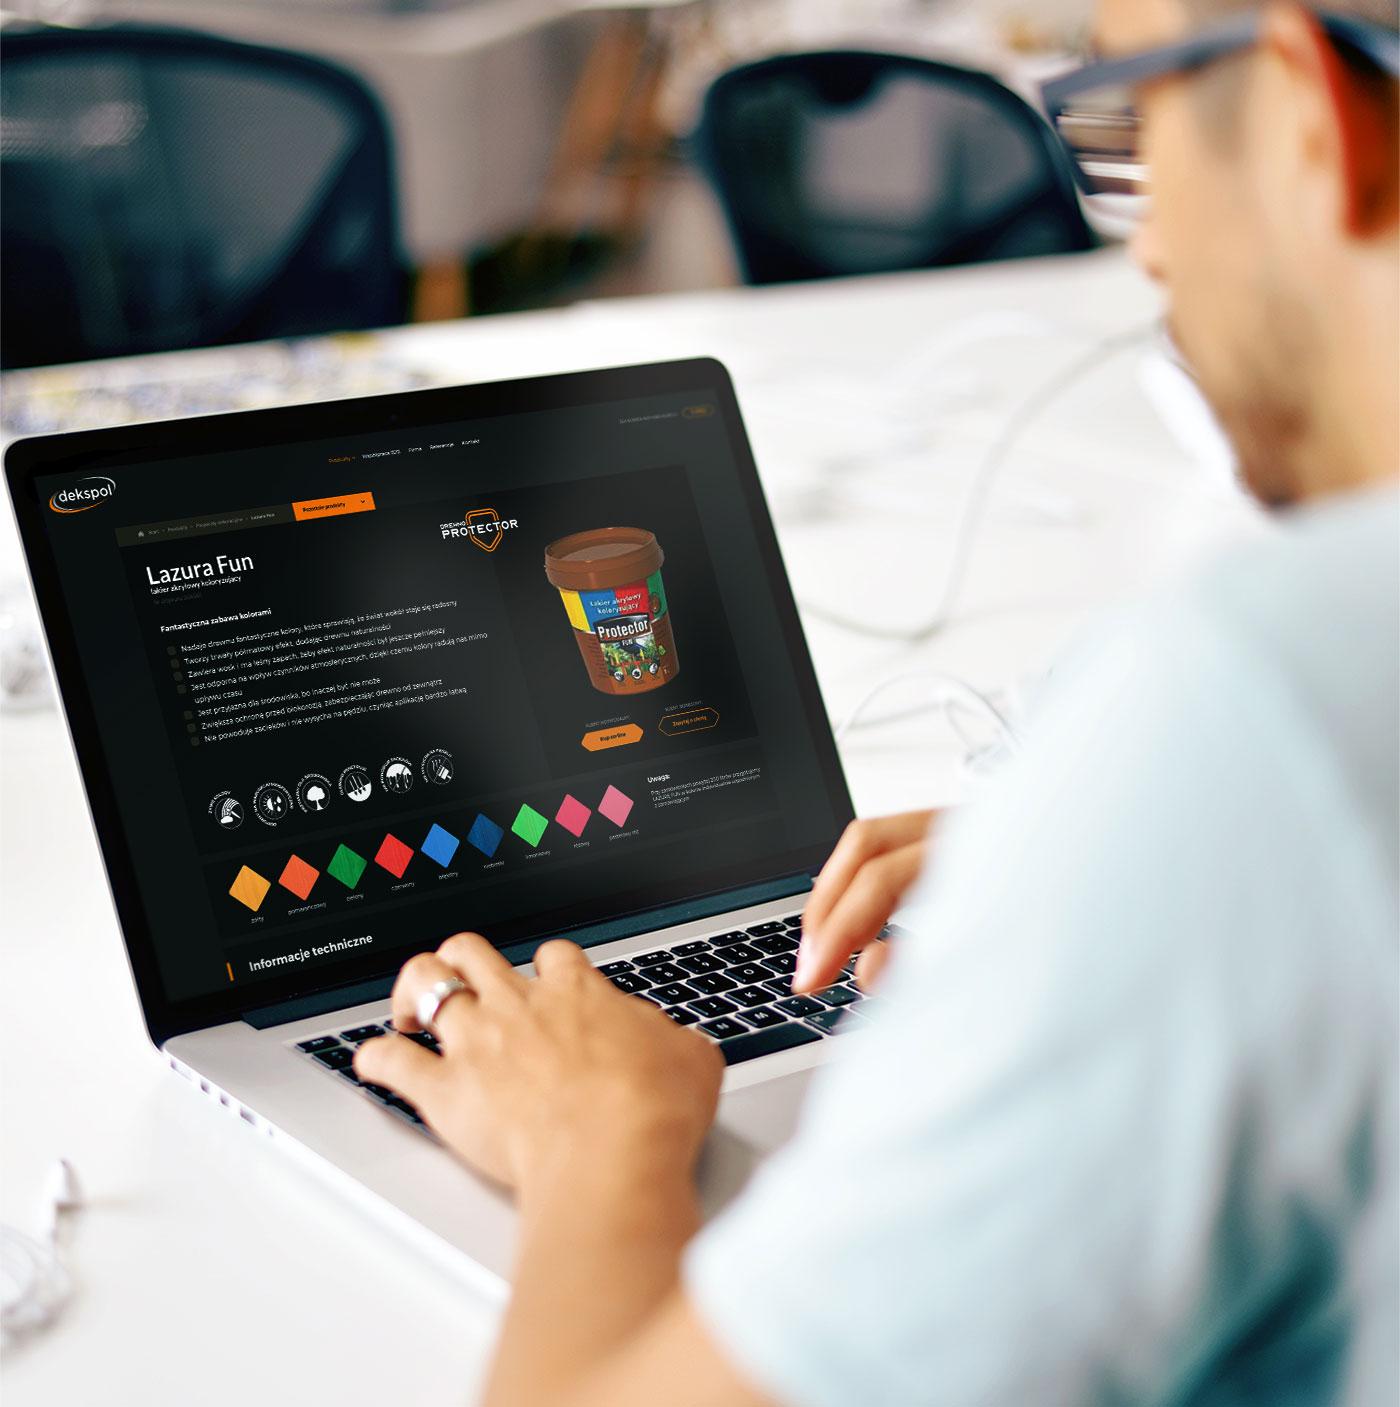 Dekspol - wizualizacja projektu nowoczesnej strony internetowej z prezentacją produktów